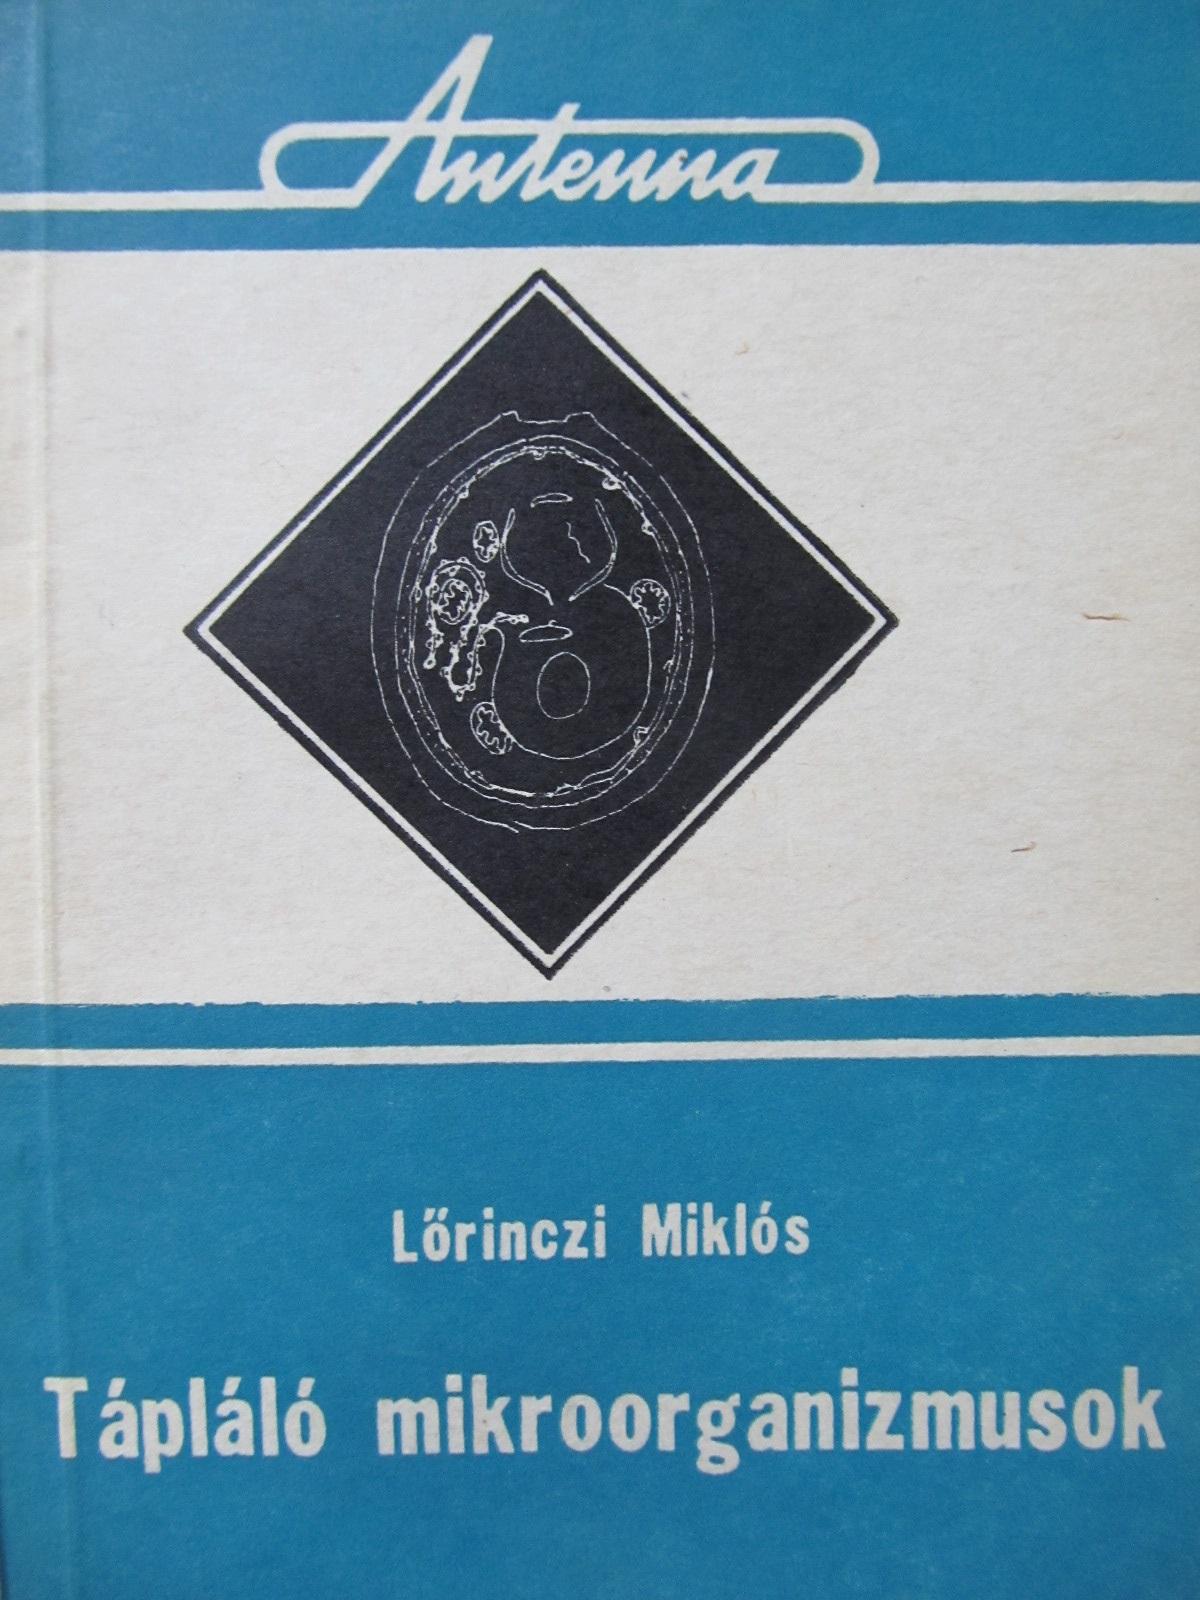 Carte Taplalo mikroorganizmusok - Lorinczi Miklos